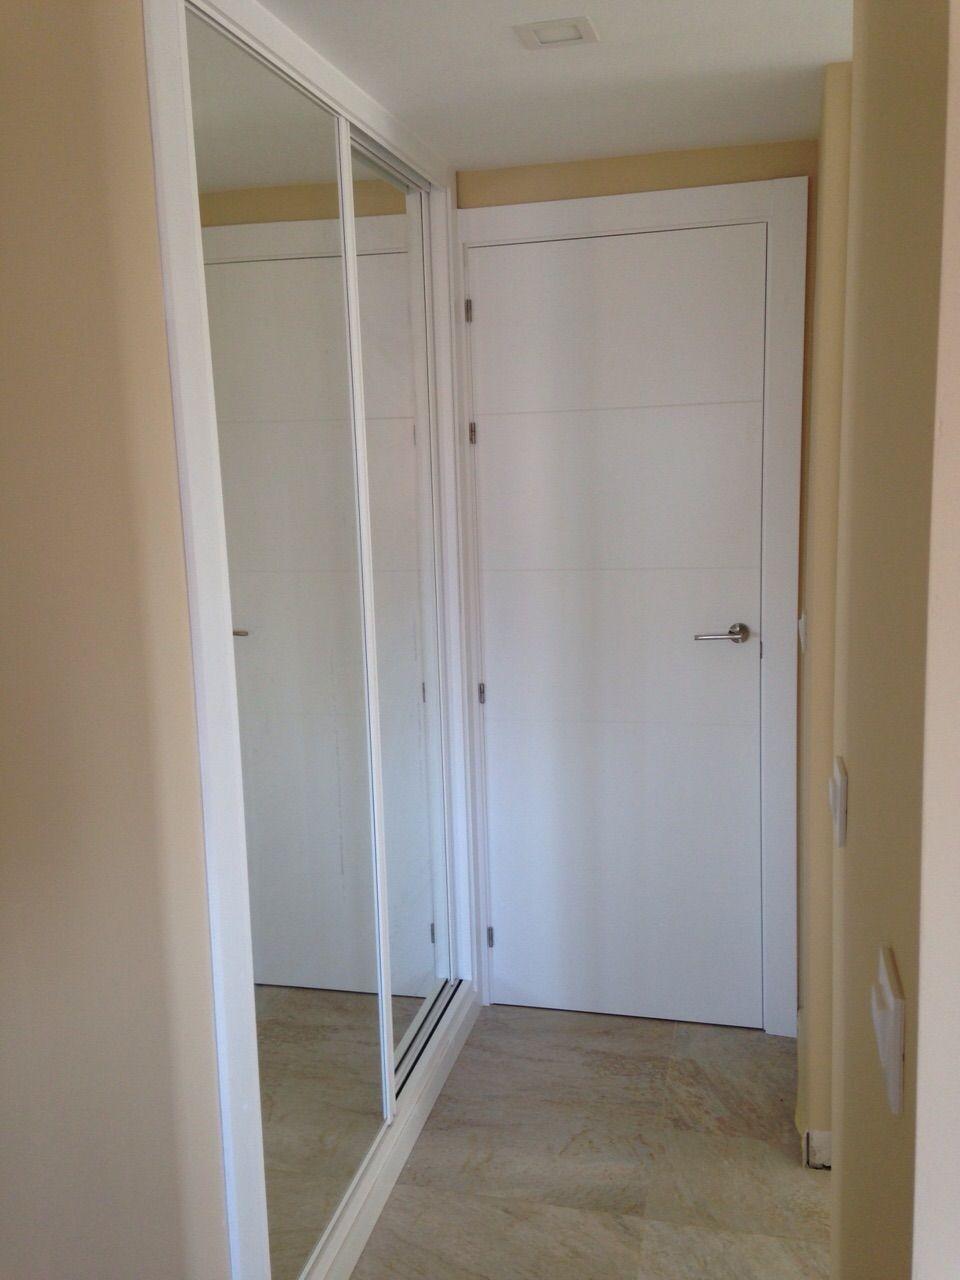 Frente de armario corredera perfiles lacados y luna - Puertas correderas armario empotrado ...